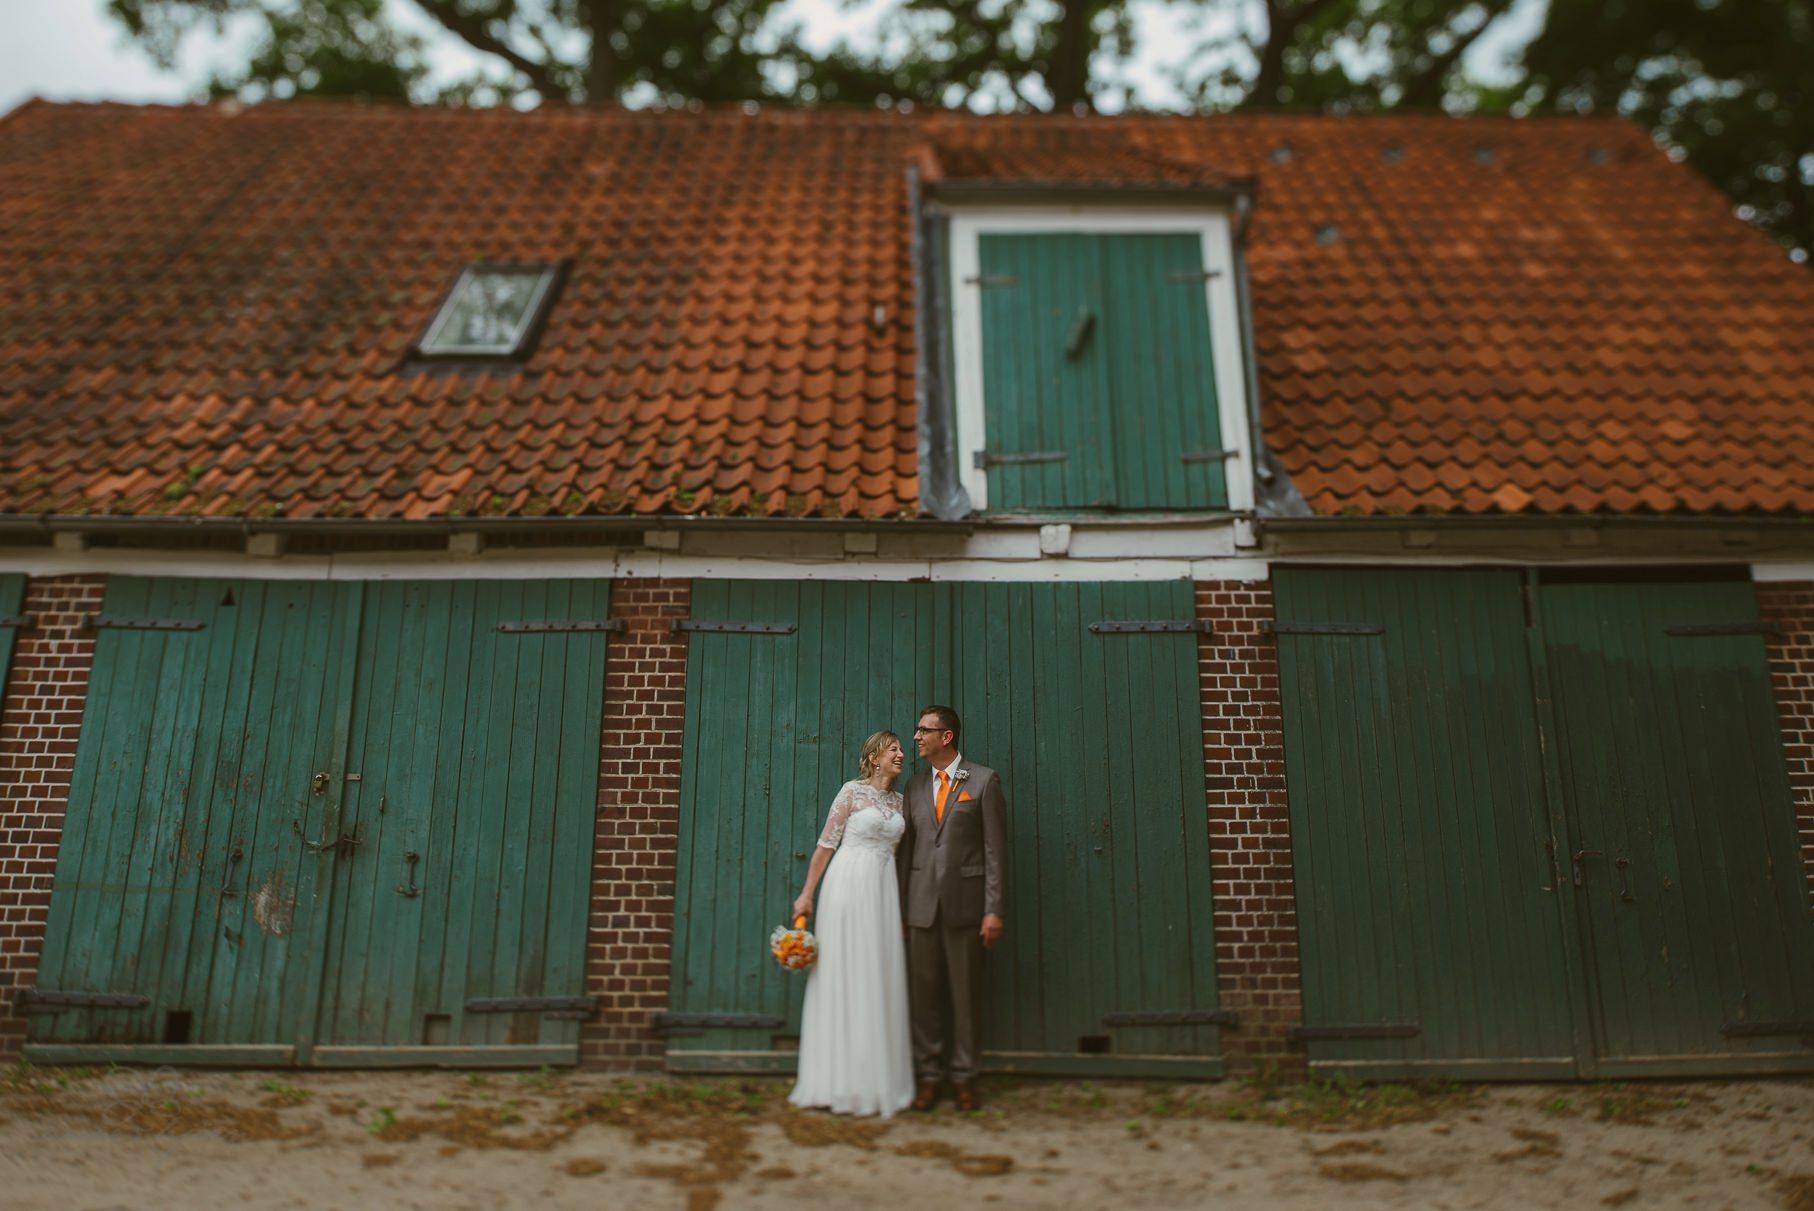 0078 anne und bjoern Manu und Sven D75 9991 1 - DIY Hochzeit im Erdhaus auf dem alten Land - Manuela & Sven